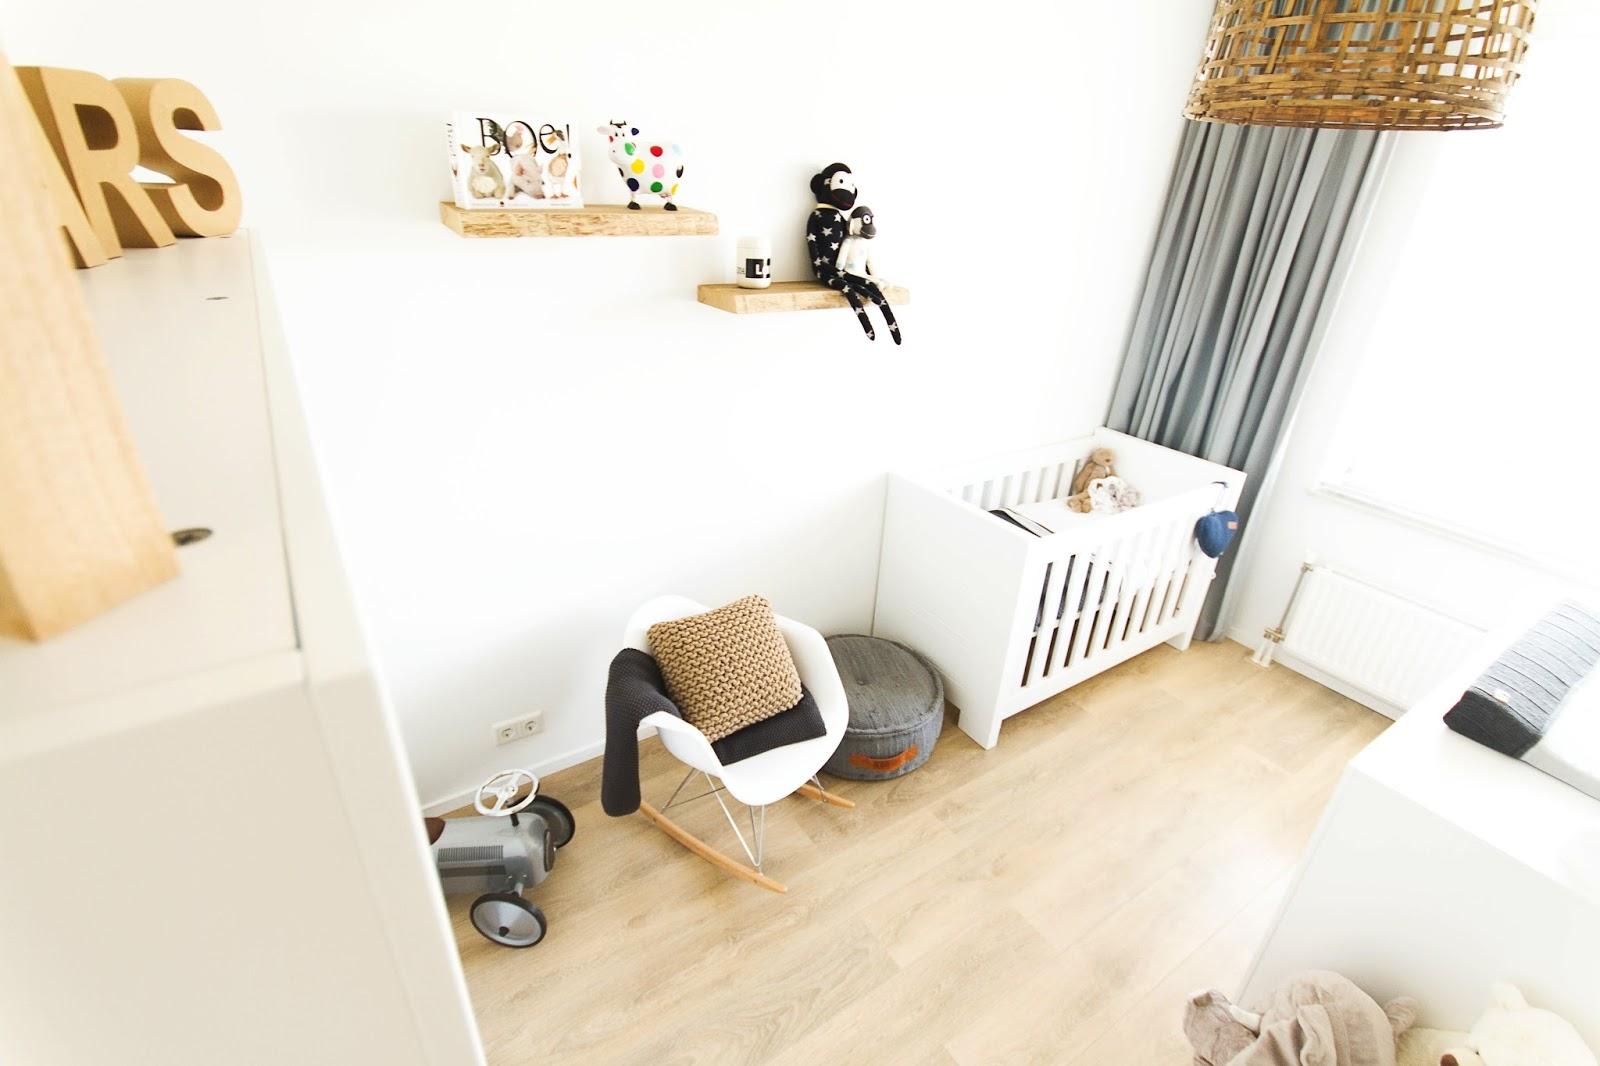 Eames Schommelstoel Babykamer.Brenstijl Binnenkijken Babykamer Van Lars